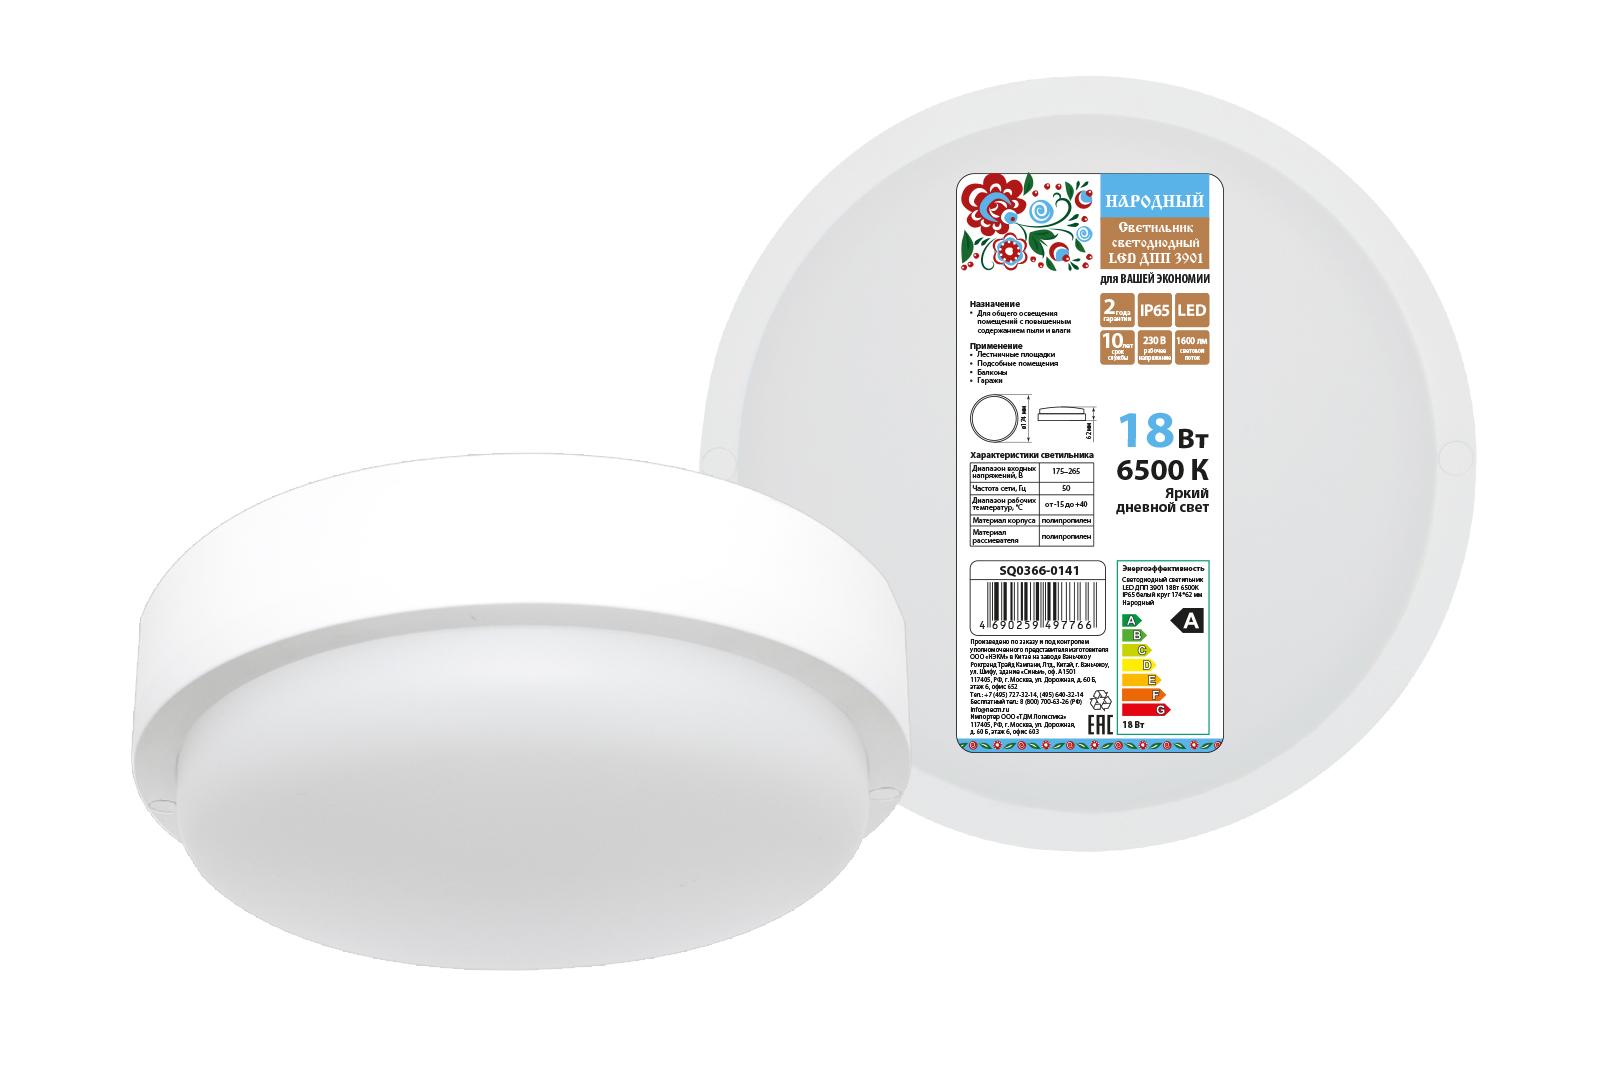 Фото Светодиодный светильник LED ДПП 3901 18Вт 6500К IP65 белый круг 174*62 мм Народный {SQ0366-0141}